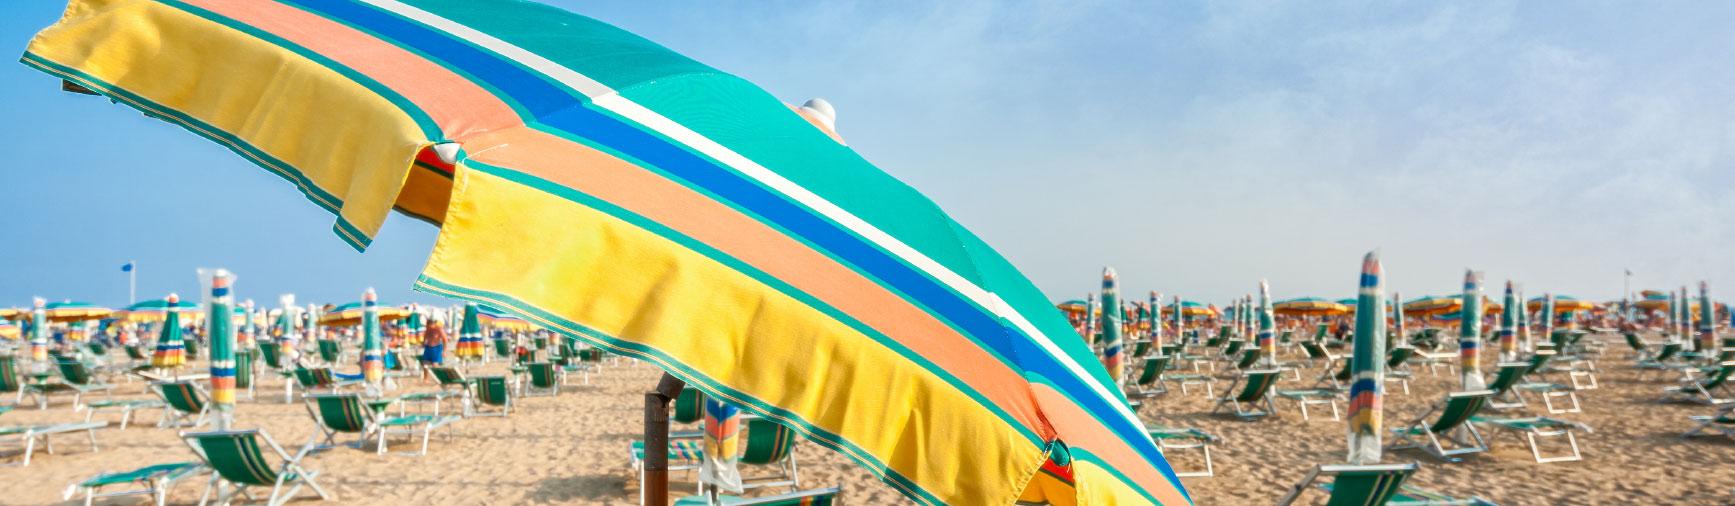 Spiaggia 4.0: prenotazione ombrellone da app